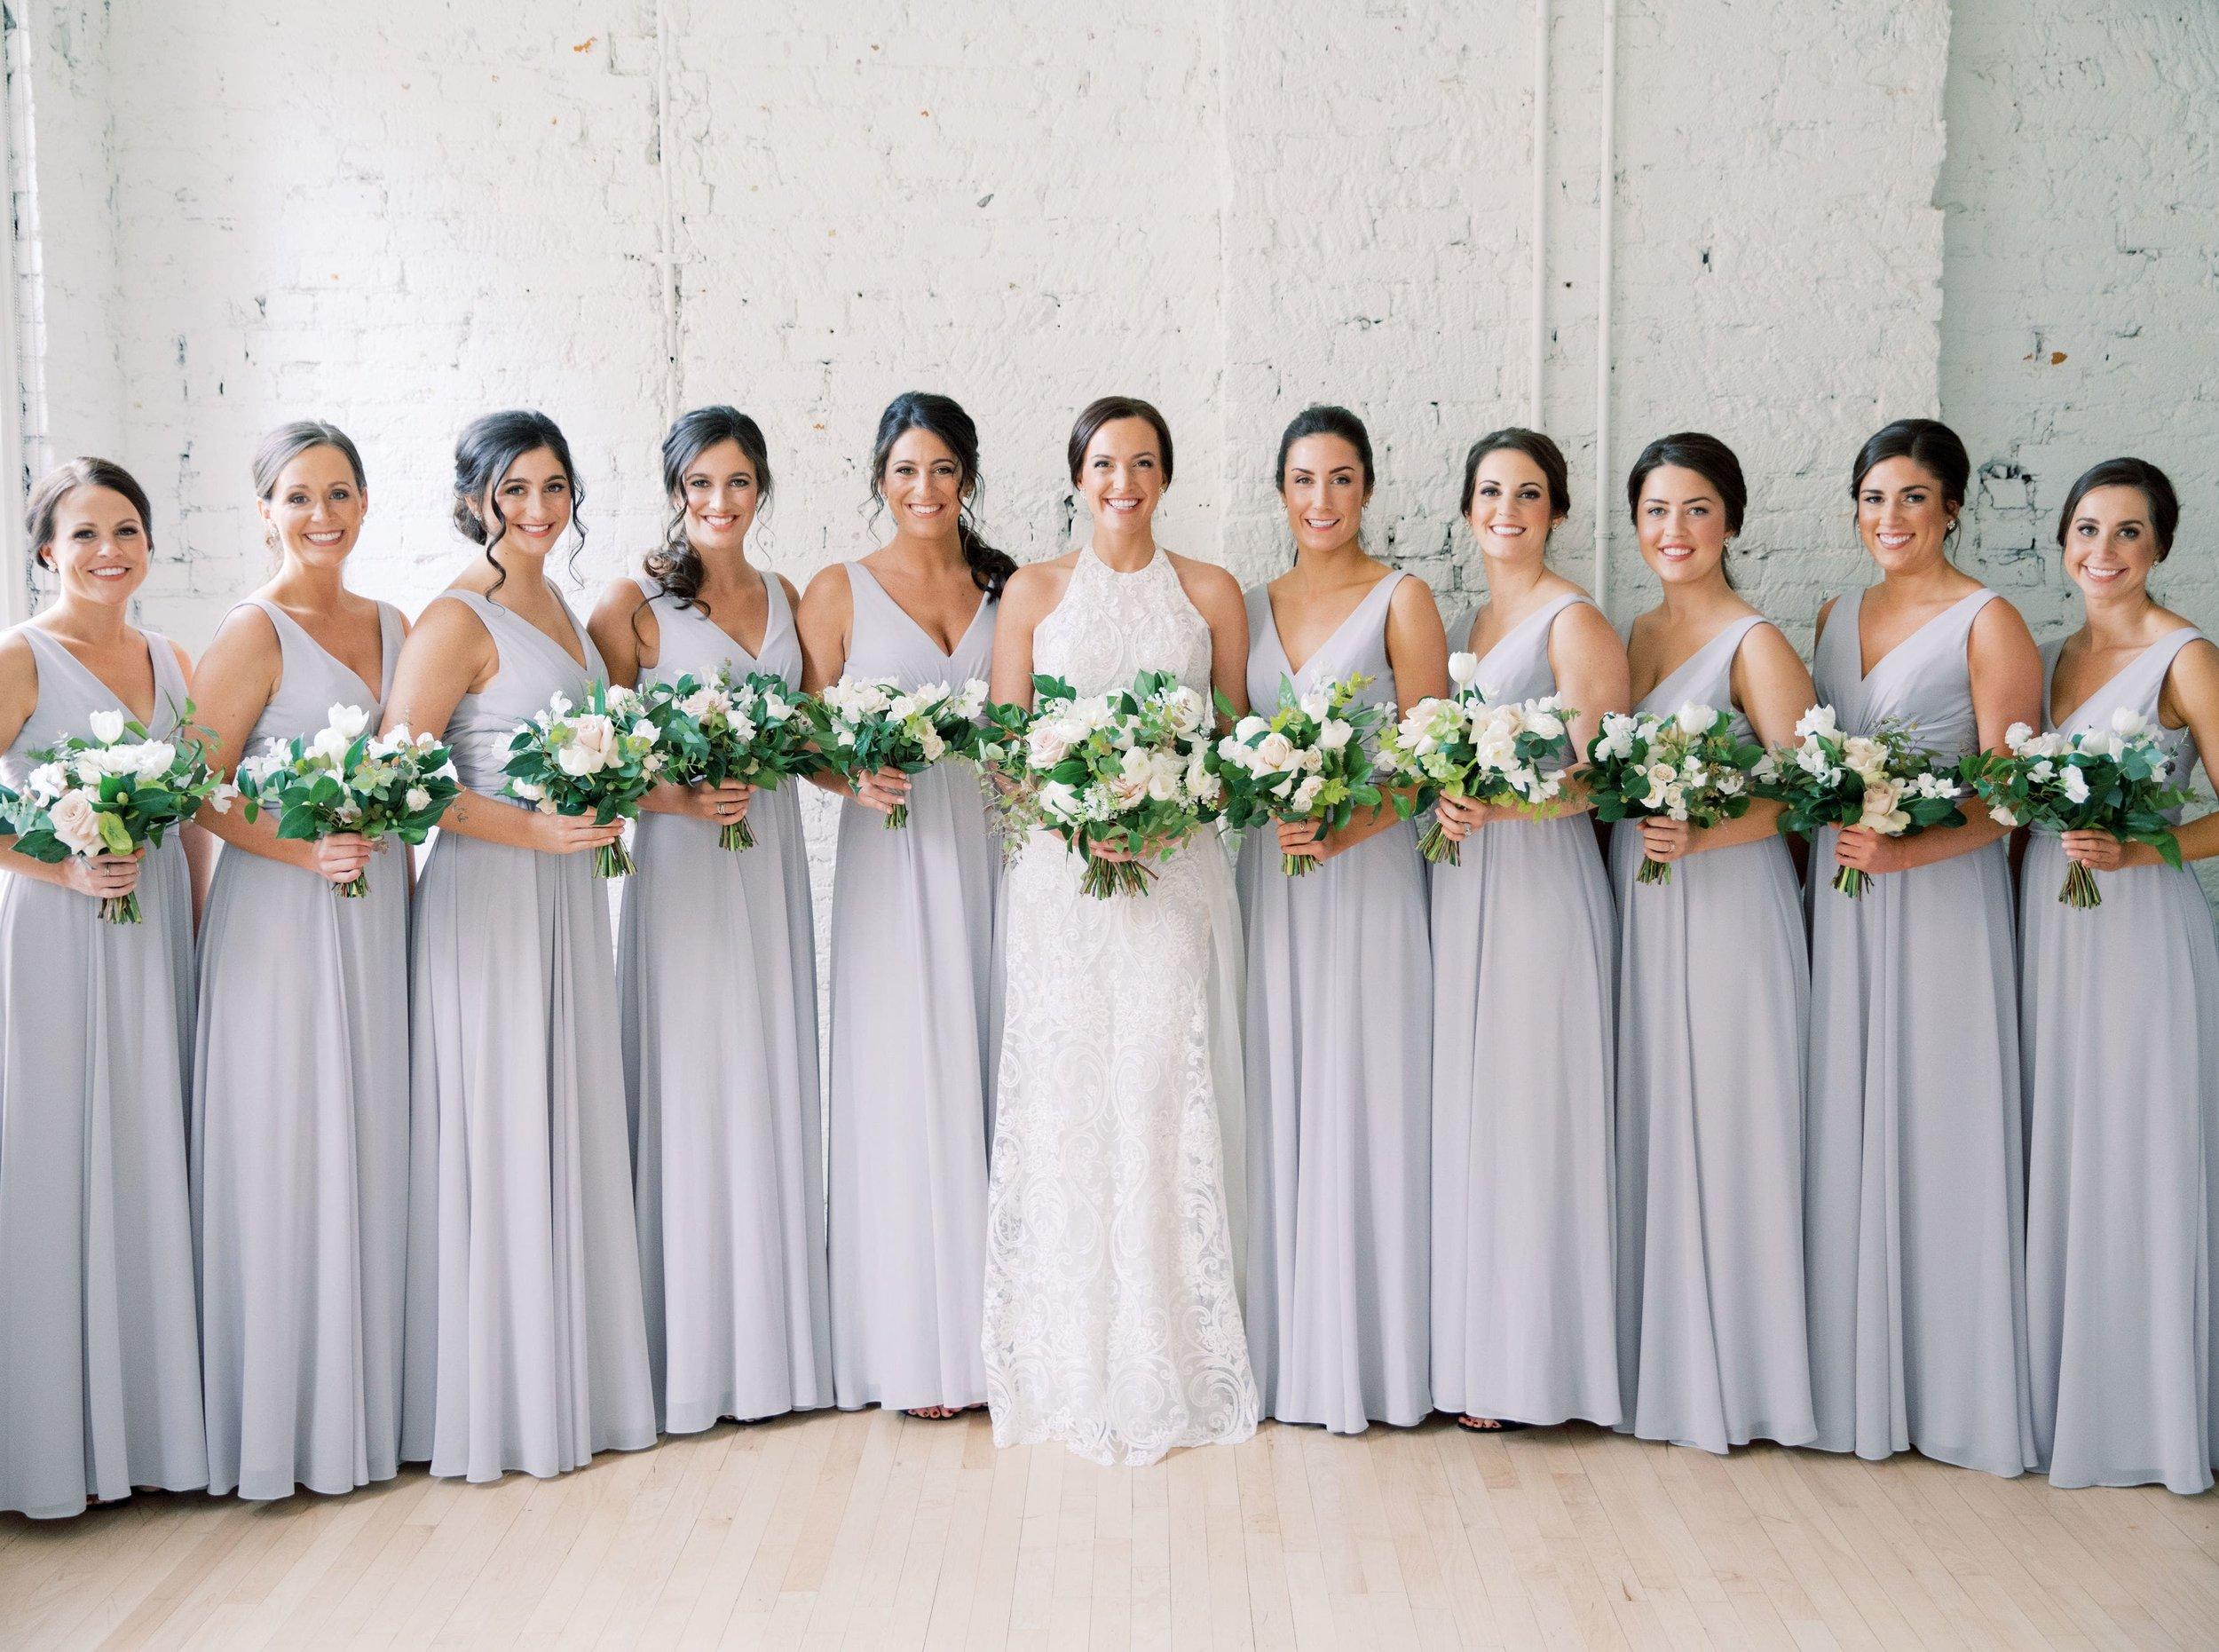 9a116aaed0607 Amsale Bridesmaids style Justine in Dove chiffon